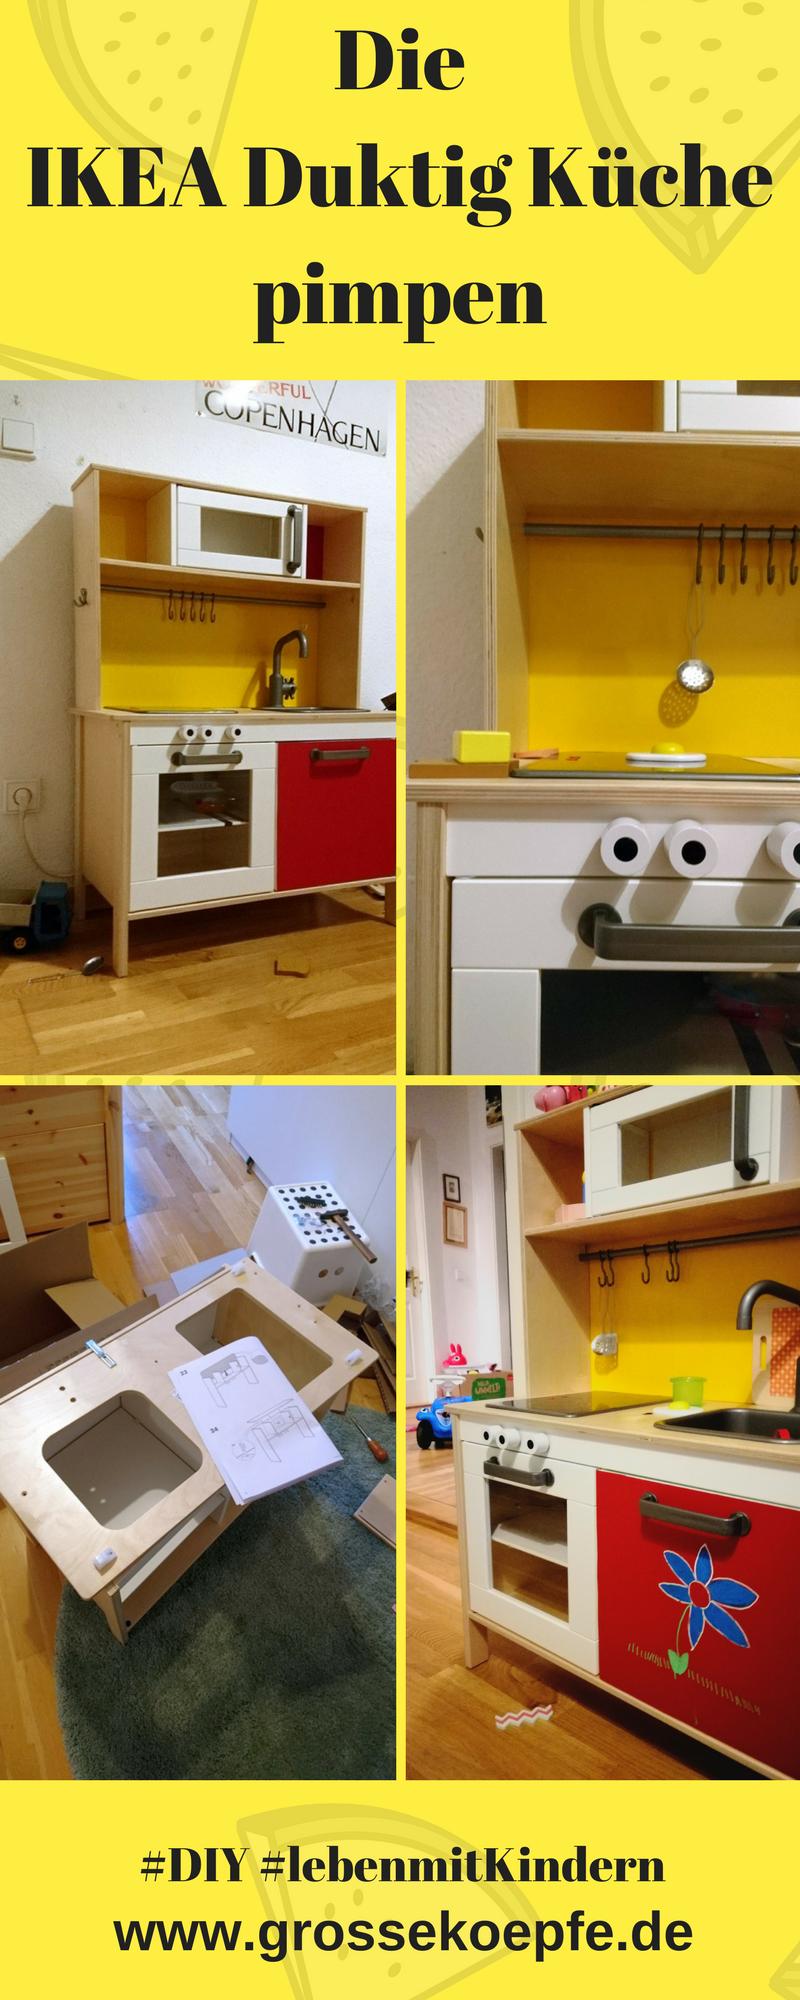 Pimp My Ikea endlich bin ich auch ein bastelbloger pimp my ikea duktig küche